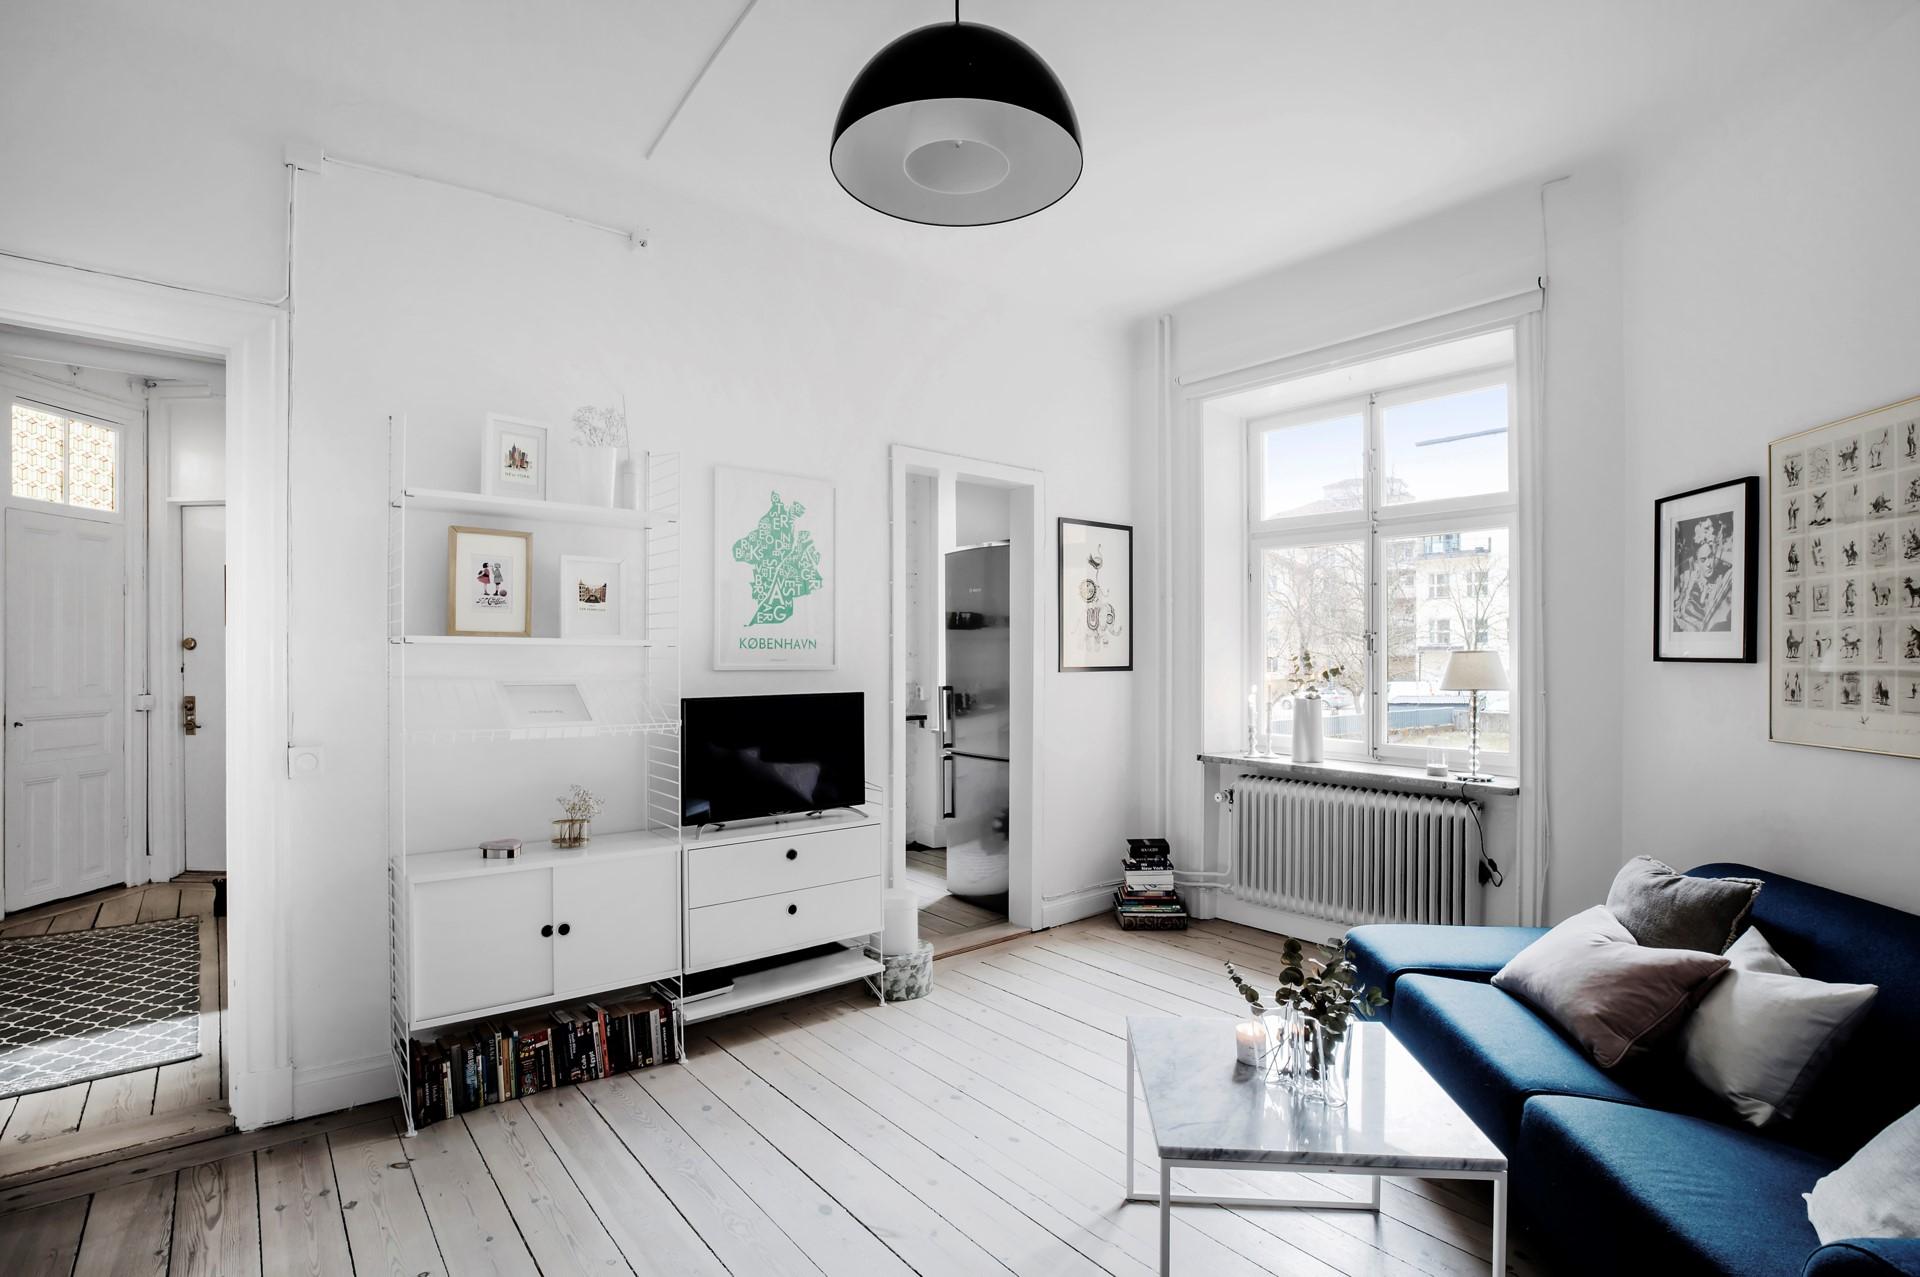 Hornsgatan 89, 2tr ÖG - Vackert rum med öppning till kök och hall